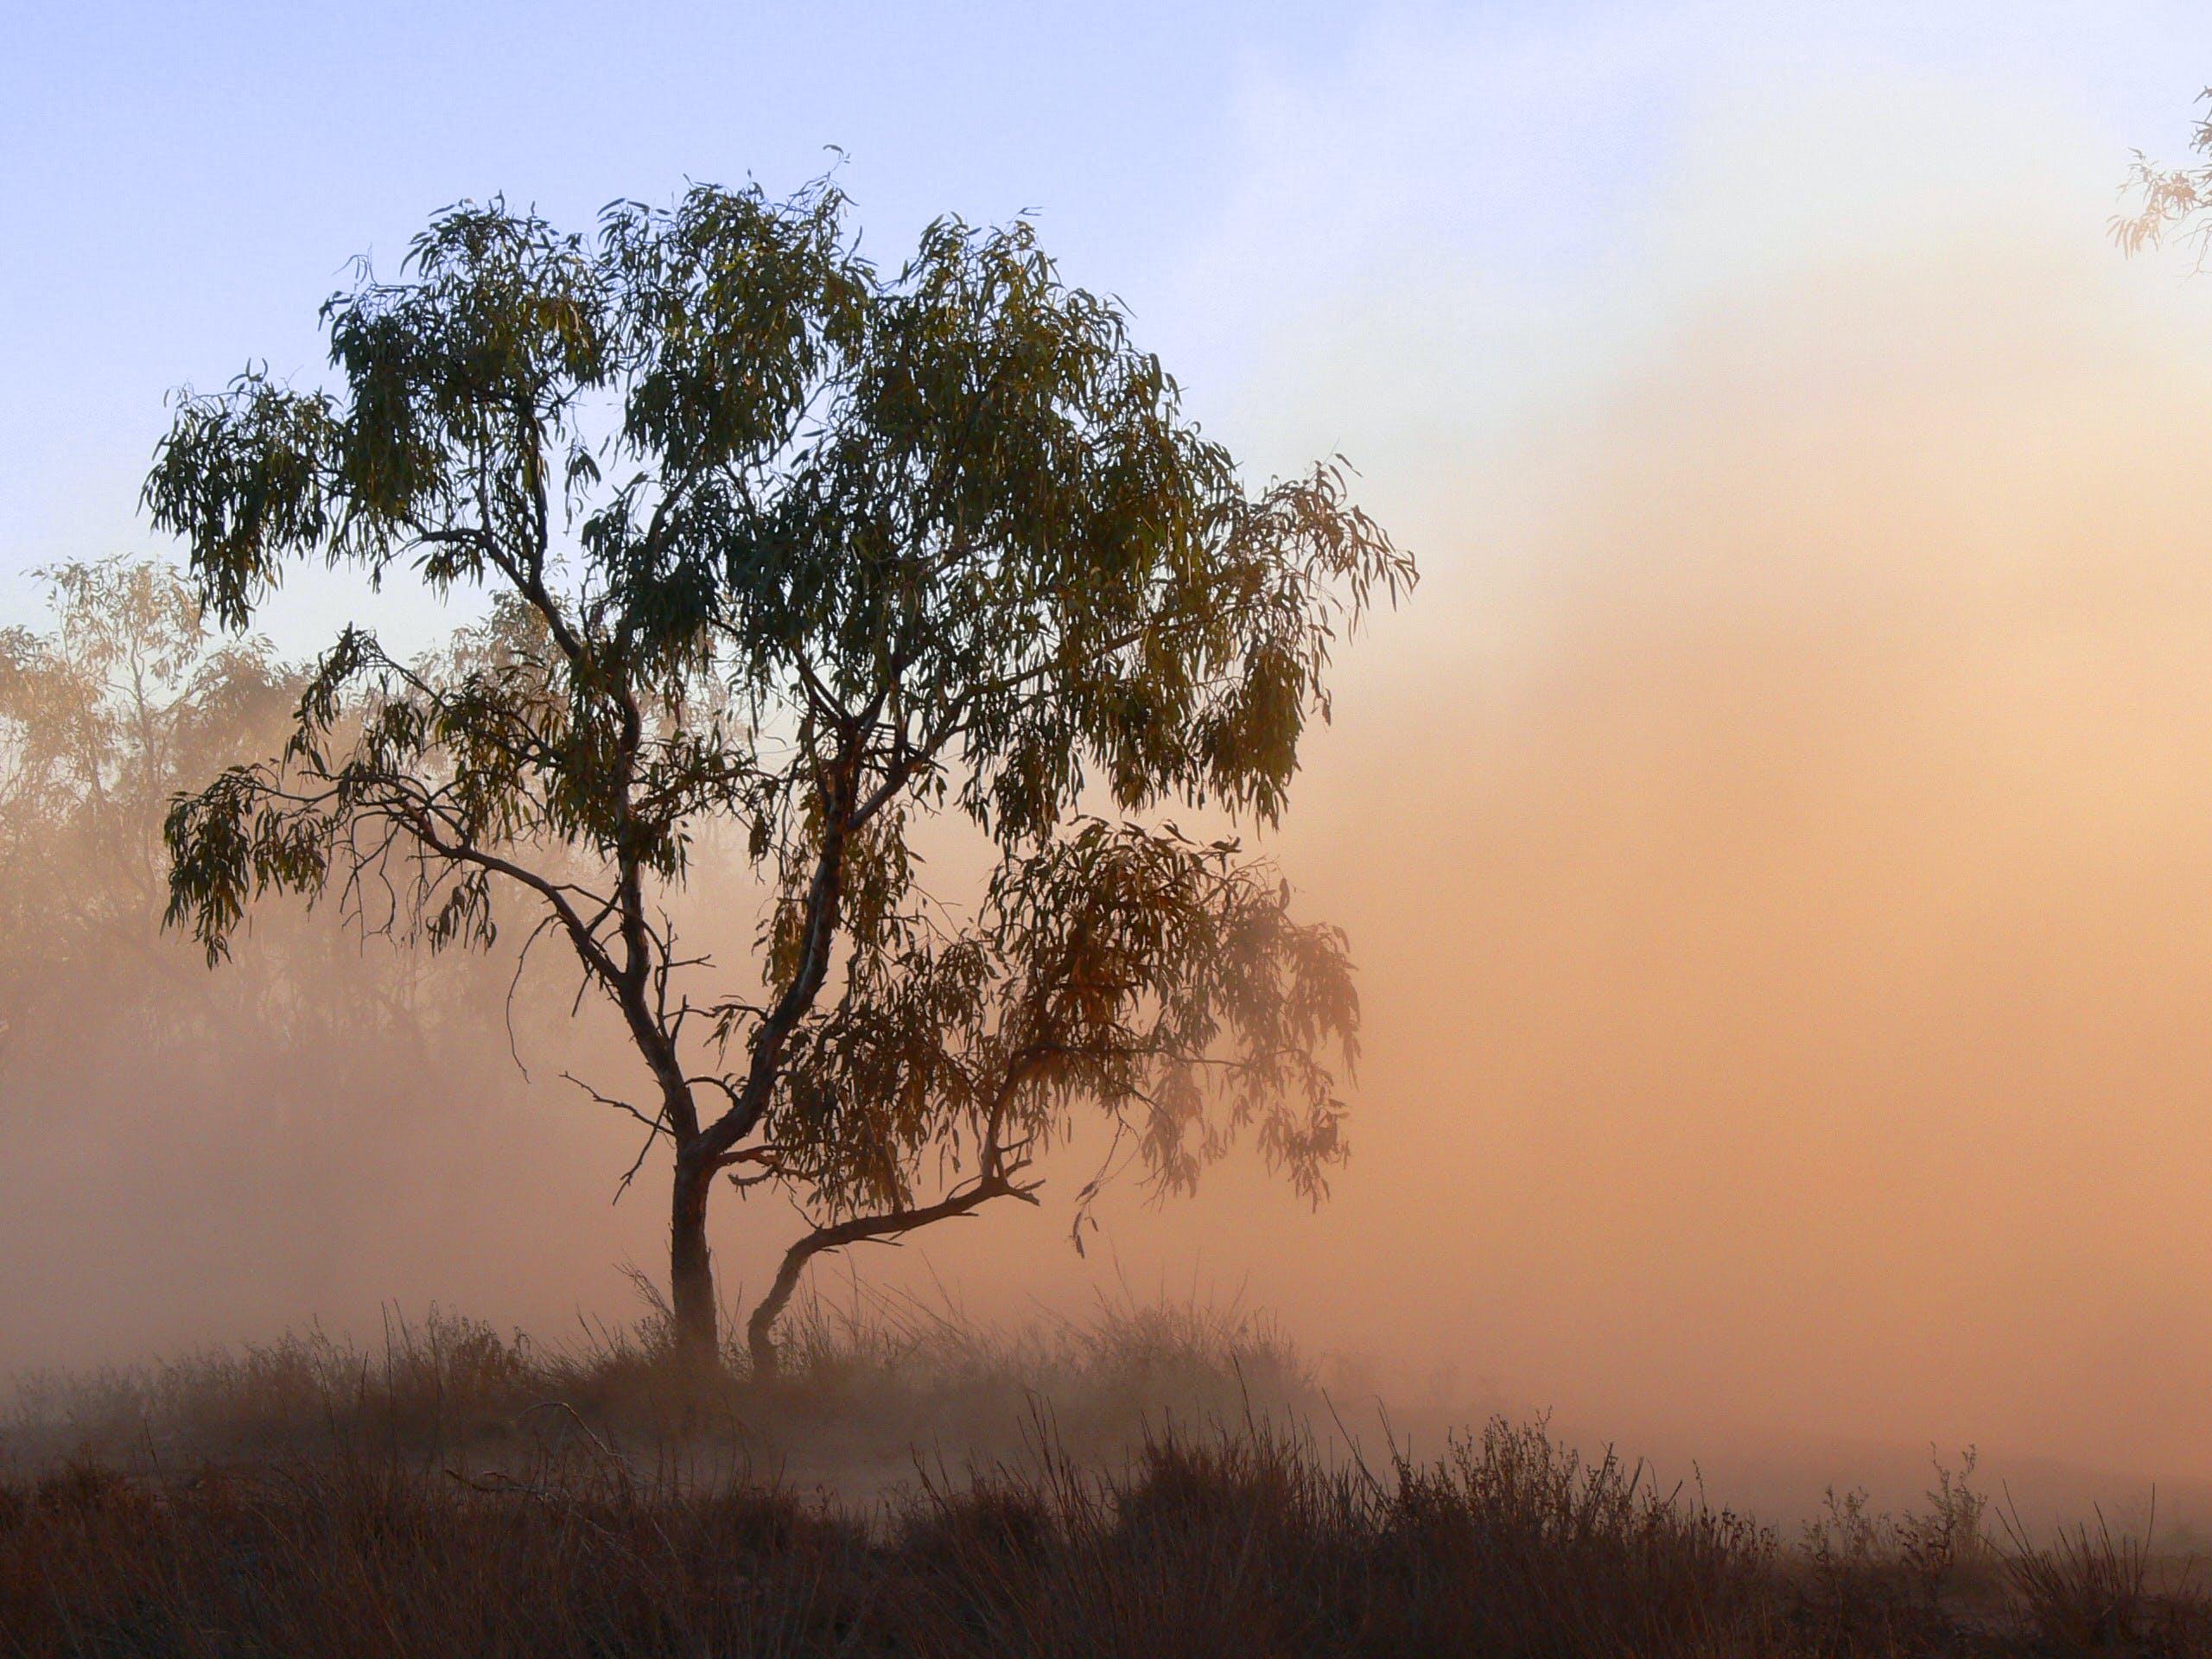 Gratis stockfoto met boom, mist, mistachtig, moeras